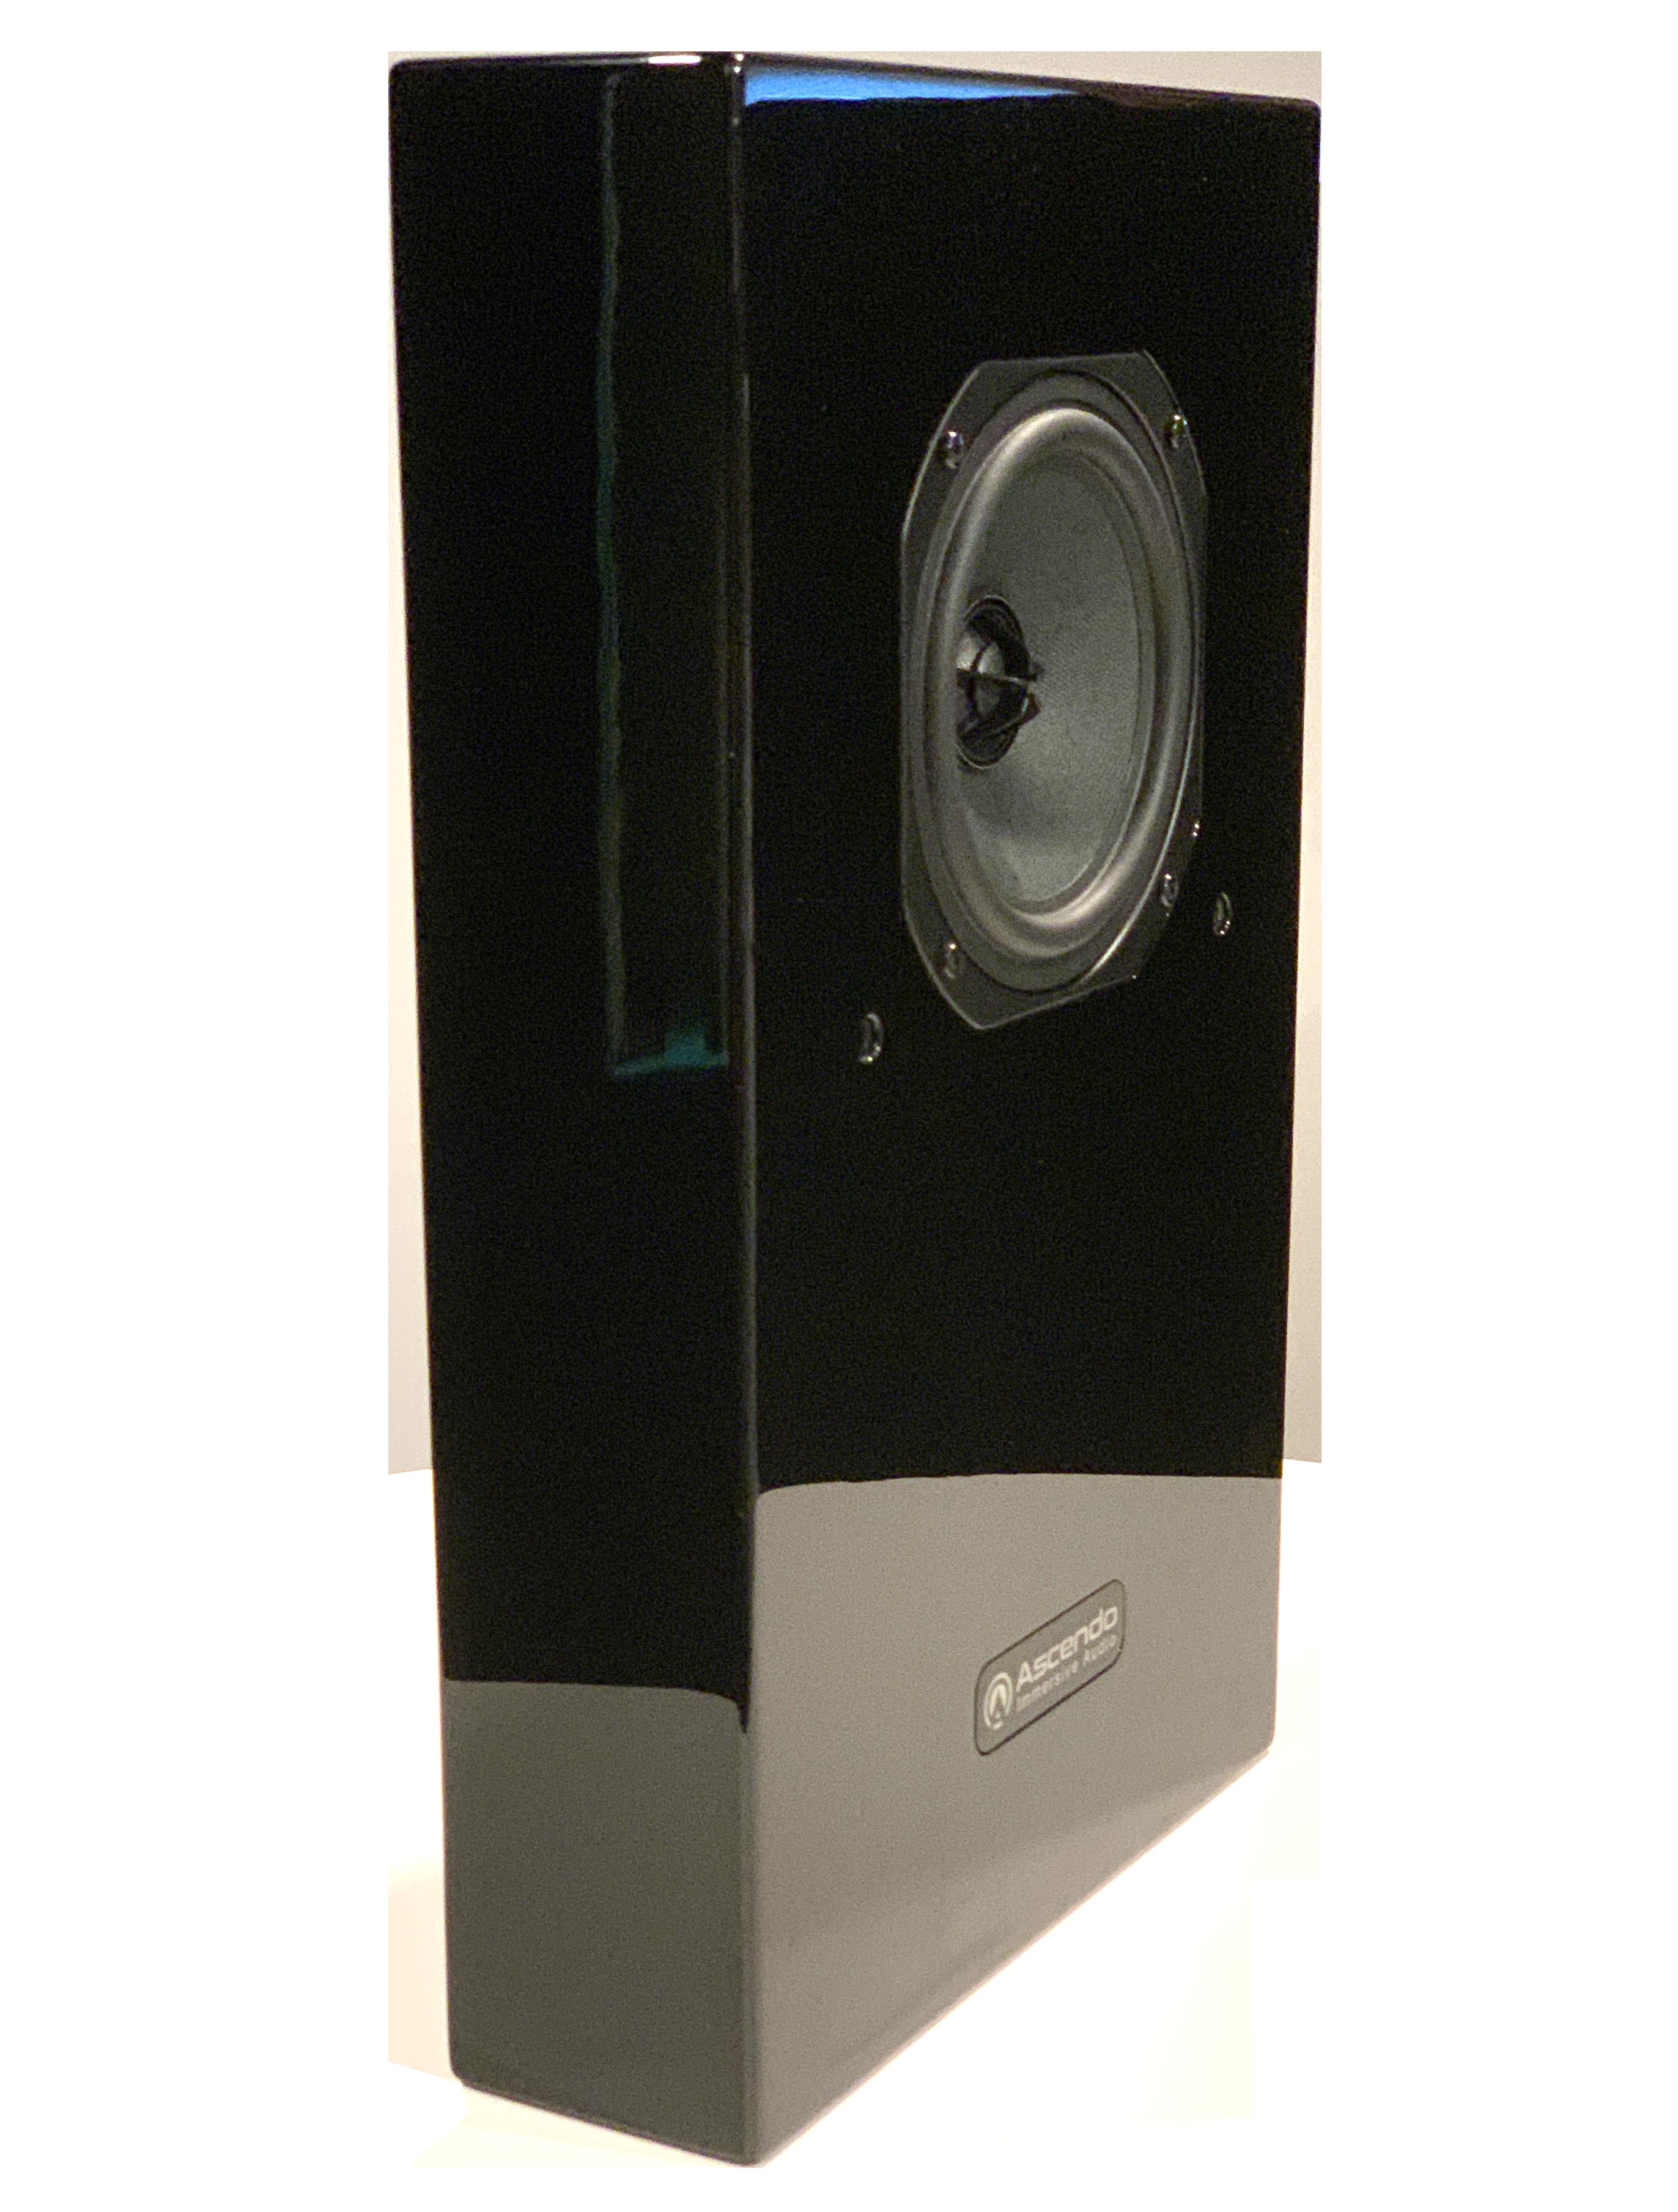 Ascendo Immersive Audio CCM5-P Passive Immersive Audio monitor Glossy Black -DEMO!-